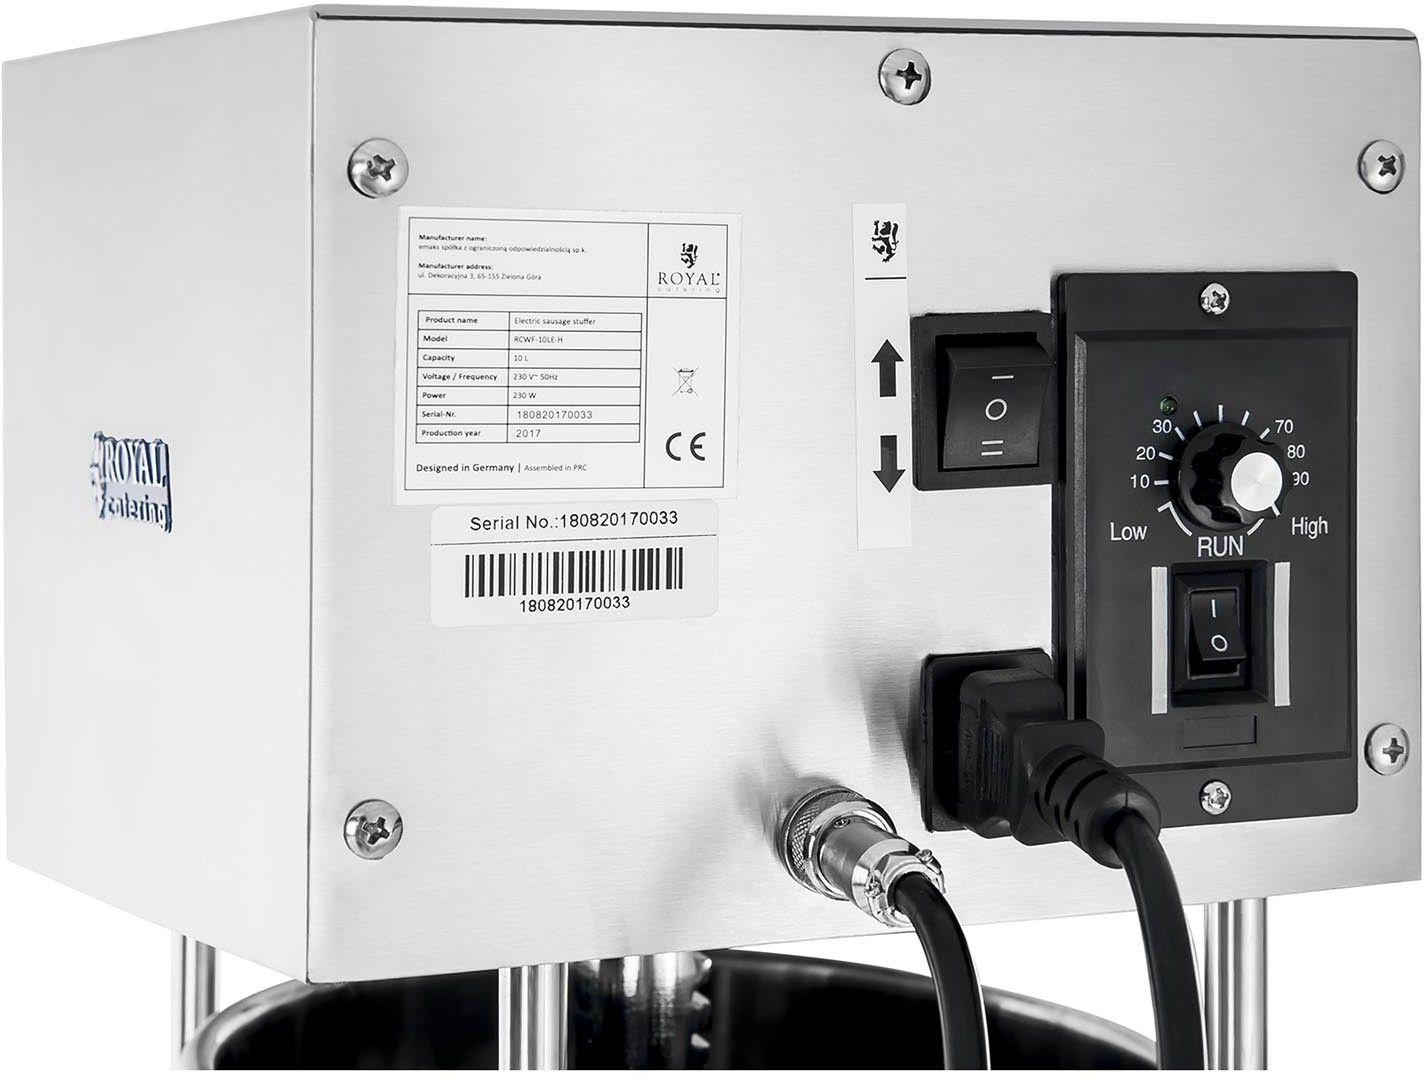 Nadziewarka do kiełbas - 10 litrów - elektryczna - Royal Catering - RCWF-10LE-H - 3 lata gwarancji/wysyłka w 24h